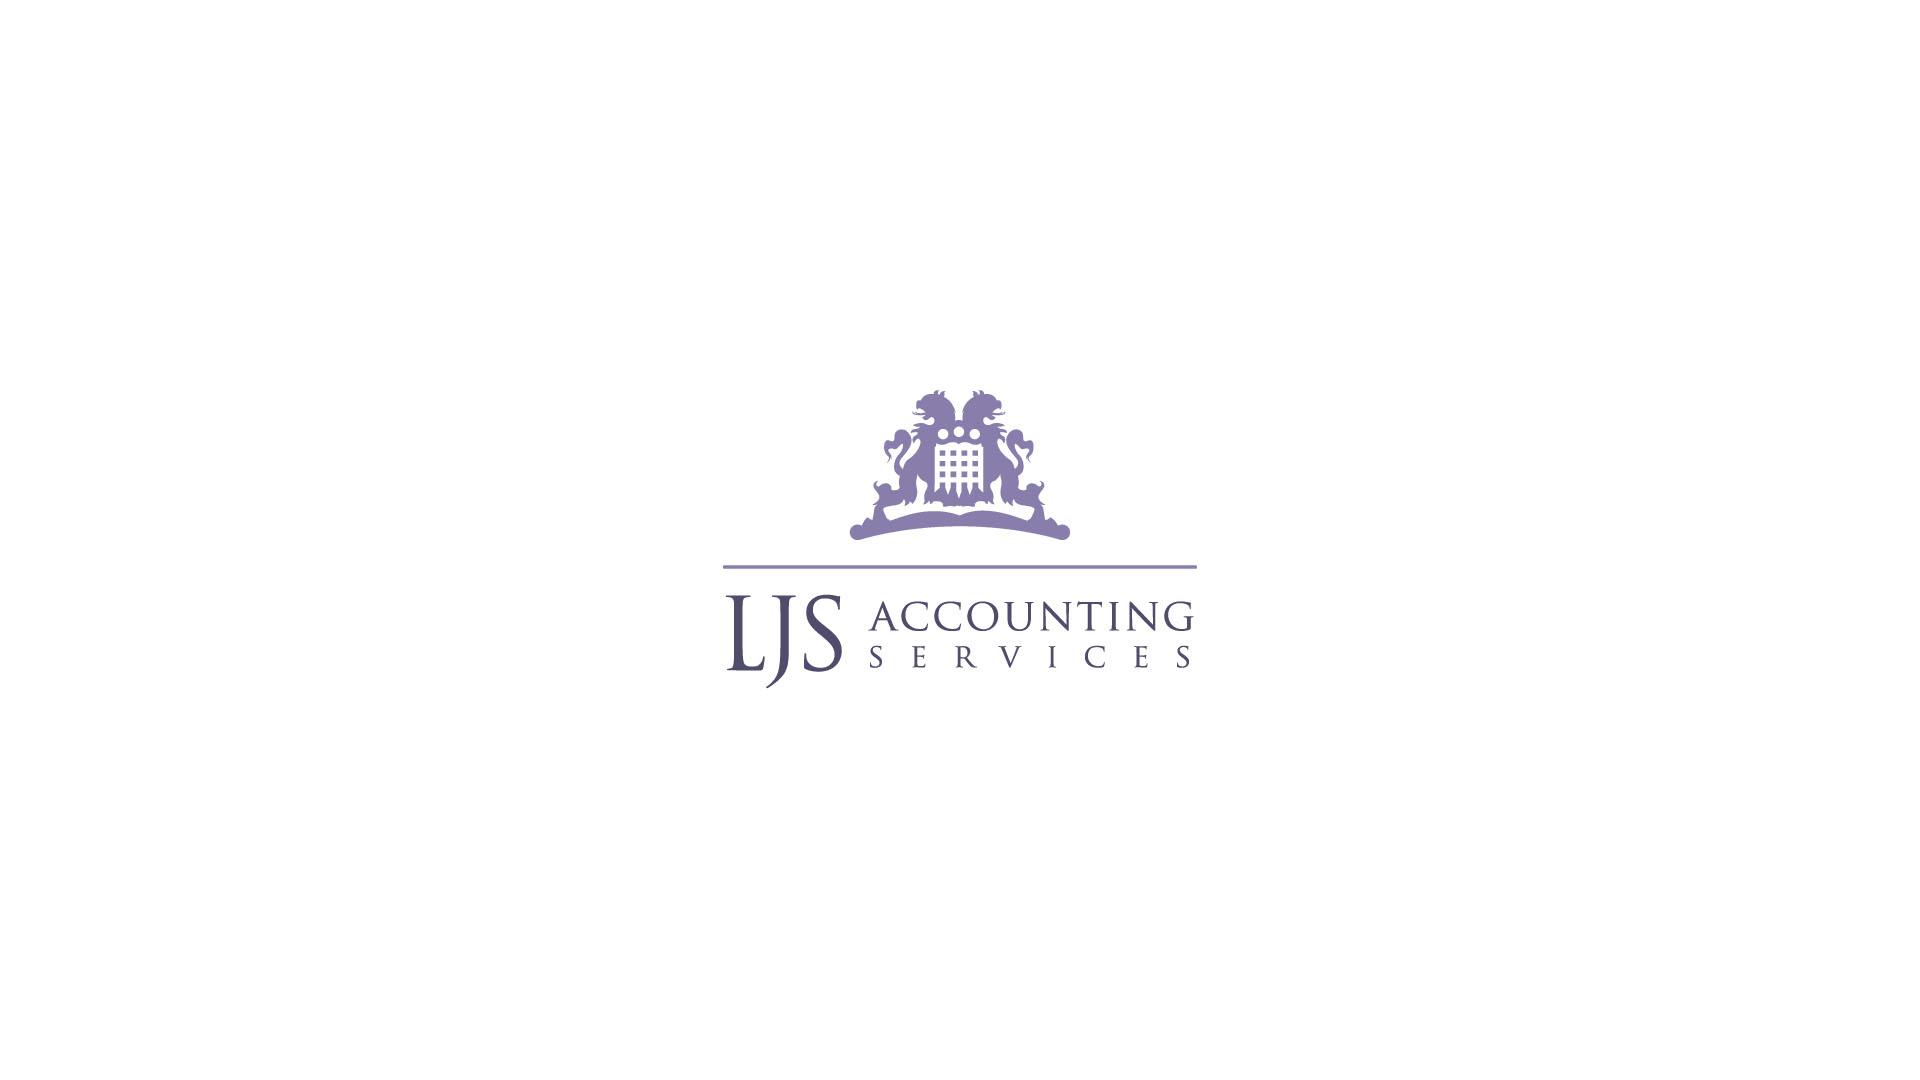 LJS Accounting